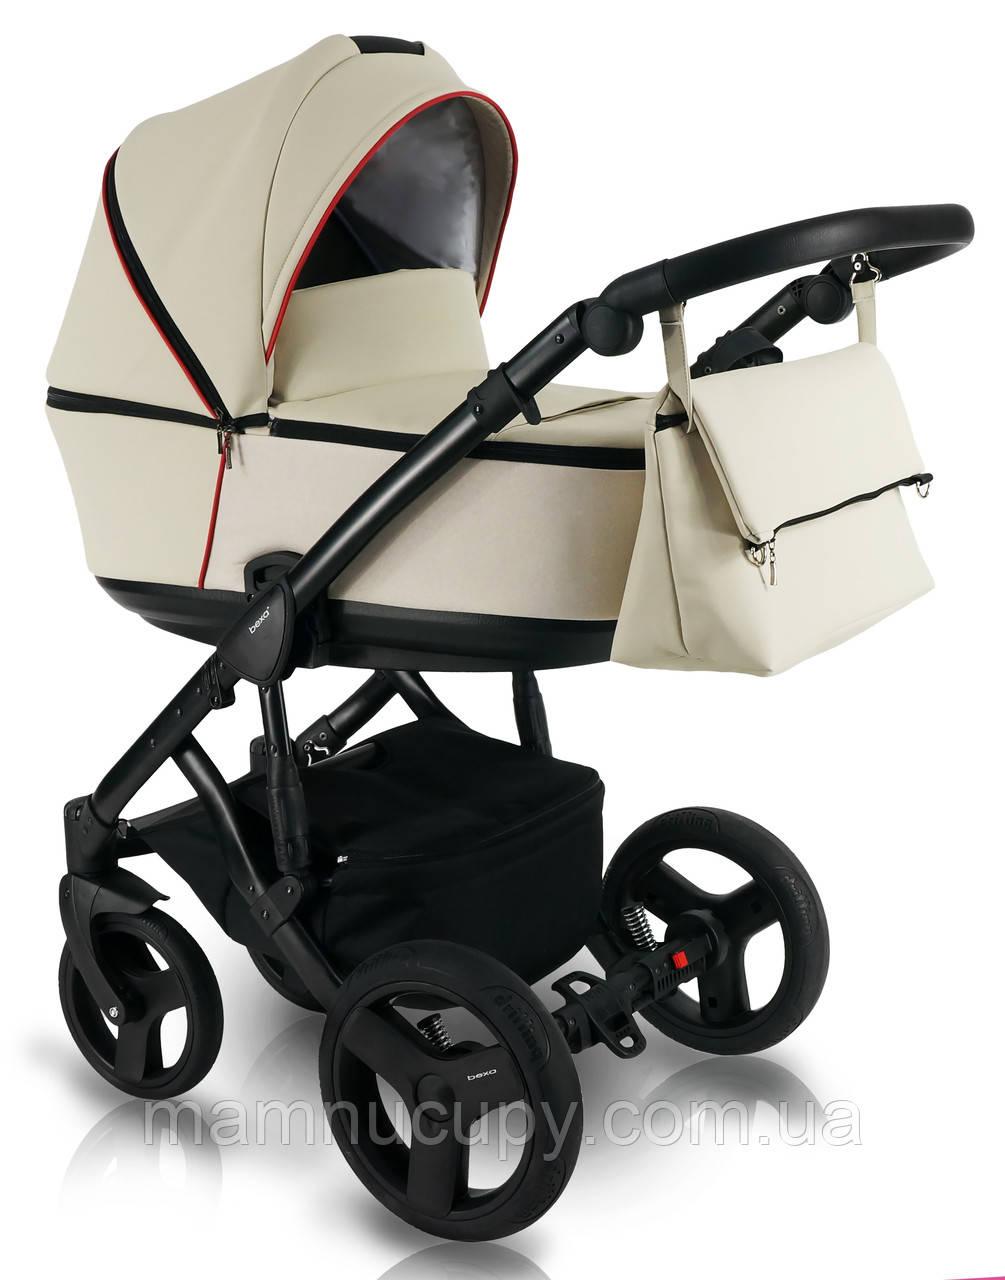 Универсальная детская коляска  2 в 1 Bexa Fresh Eco FL 317